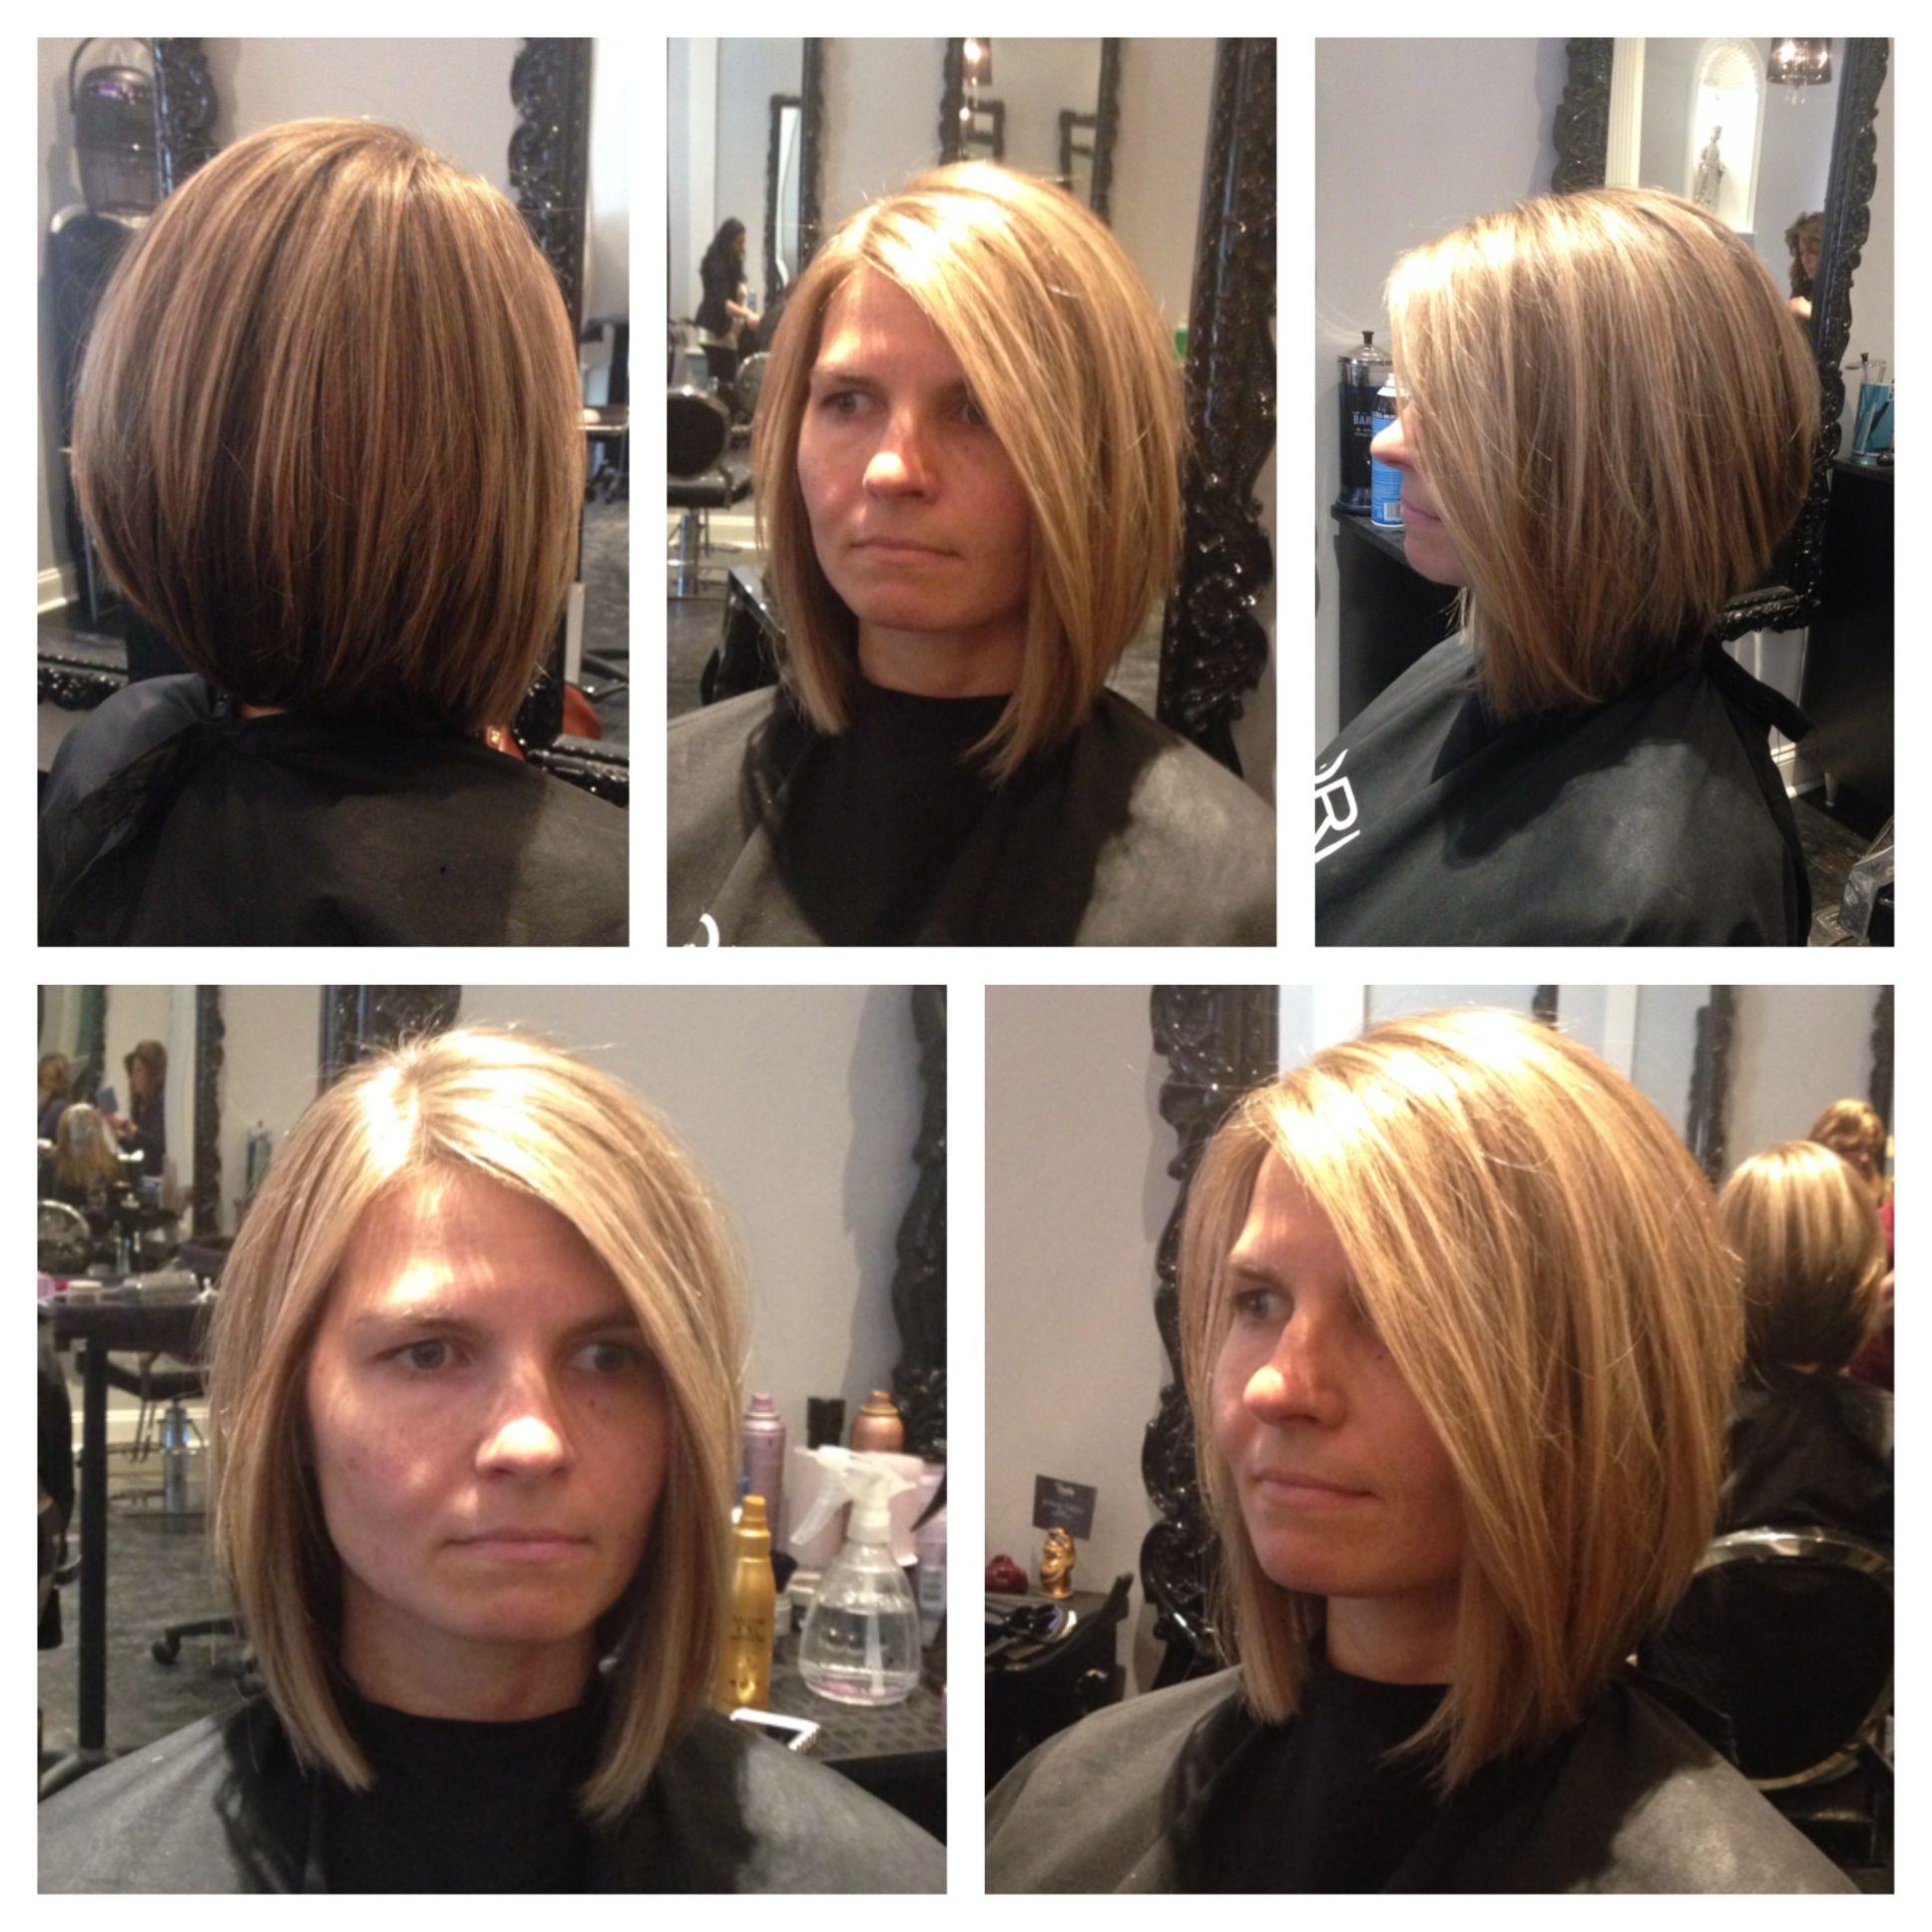 LOB. LONG BOB Haircut vanitysalonnj